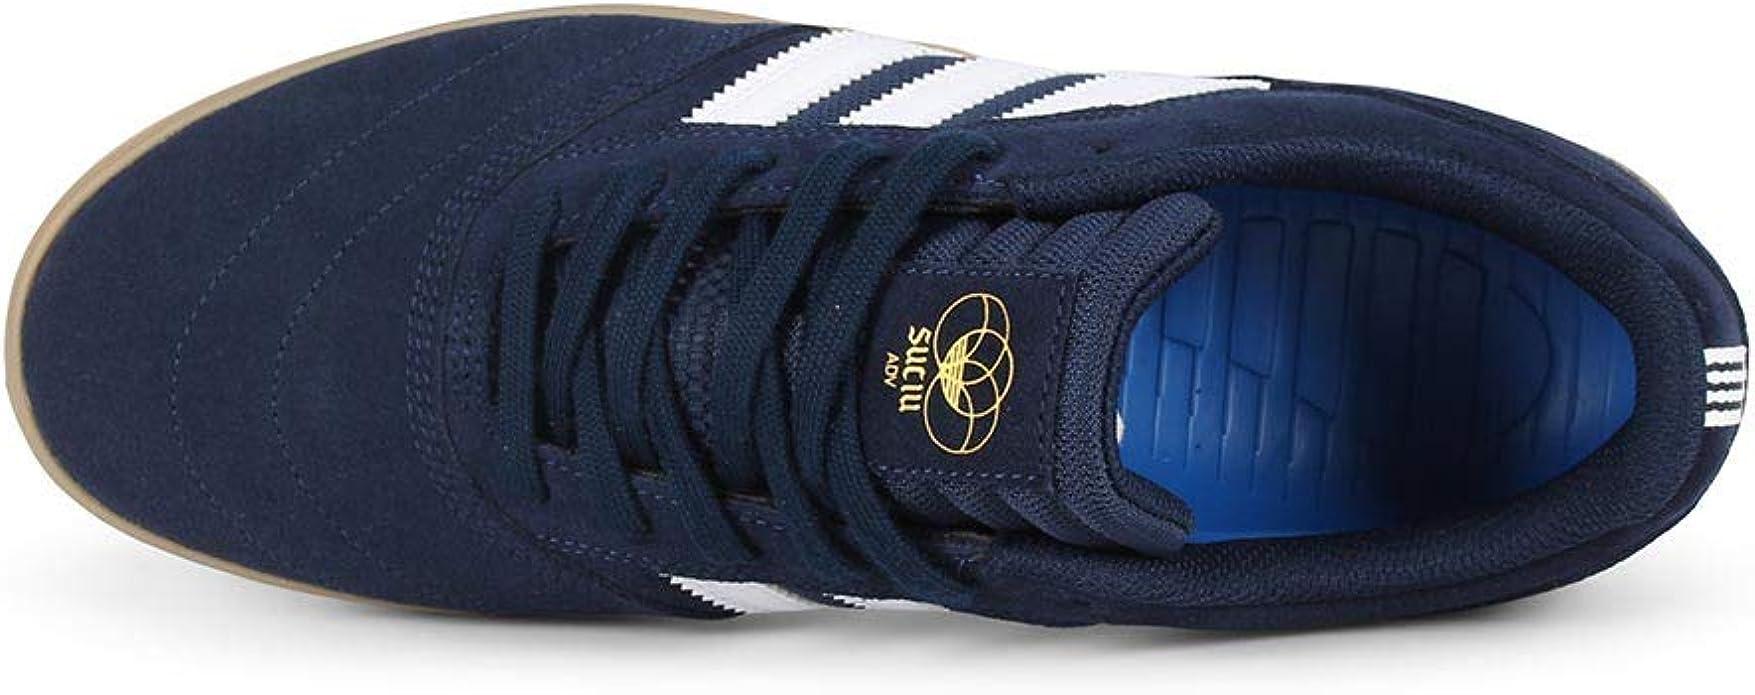 adidas Men's Suciu Adv Ii Skateboarding Shoes: Amazon.co.uk